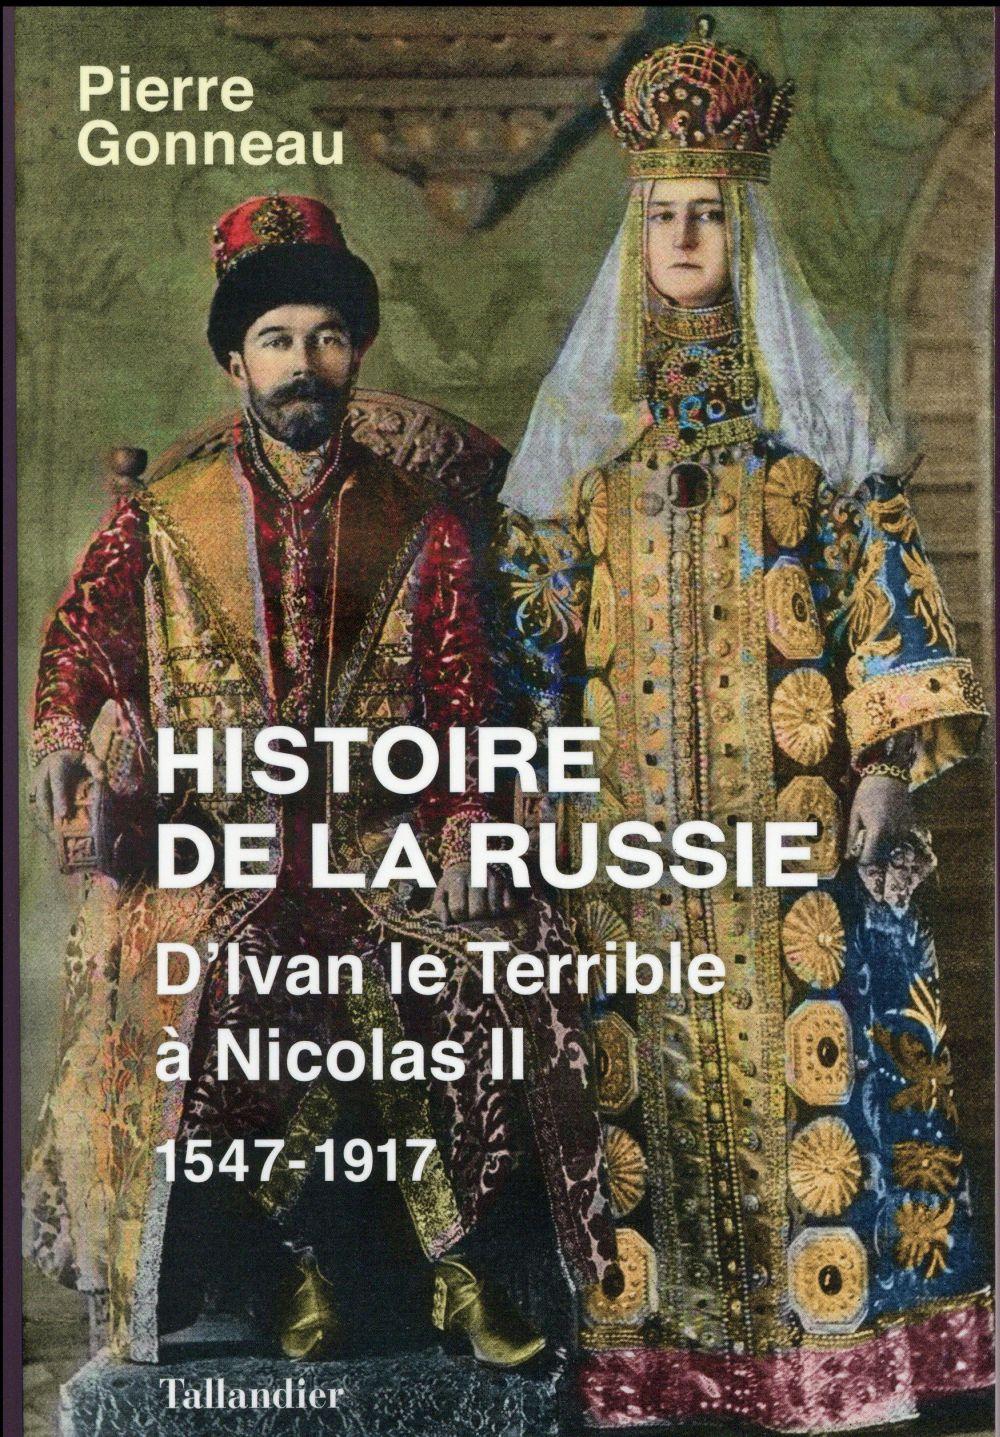 HISTOIRE DE LA RUSSIE D'IVAN LE TERRIBLE A NICOLAS II - 1547-1917